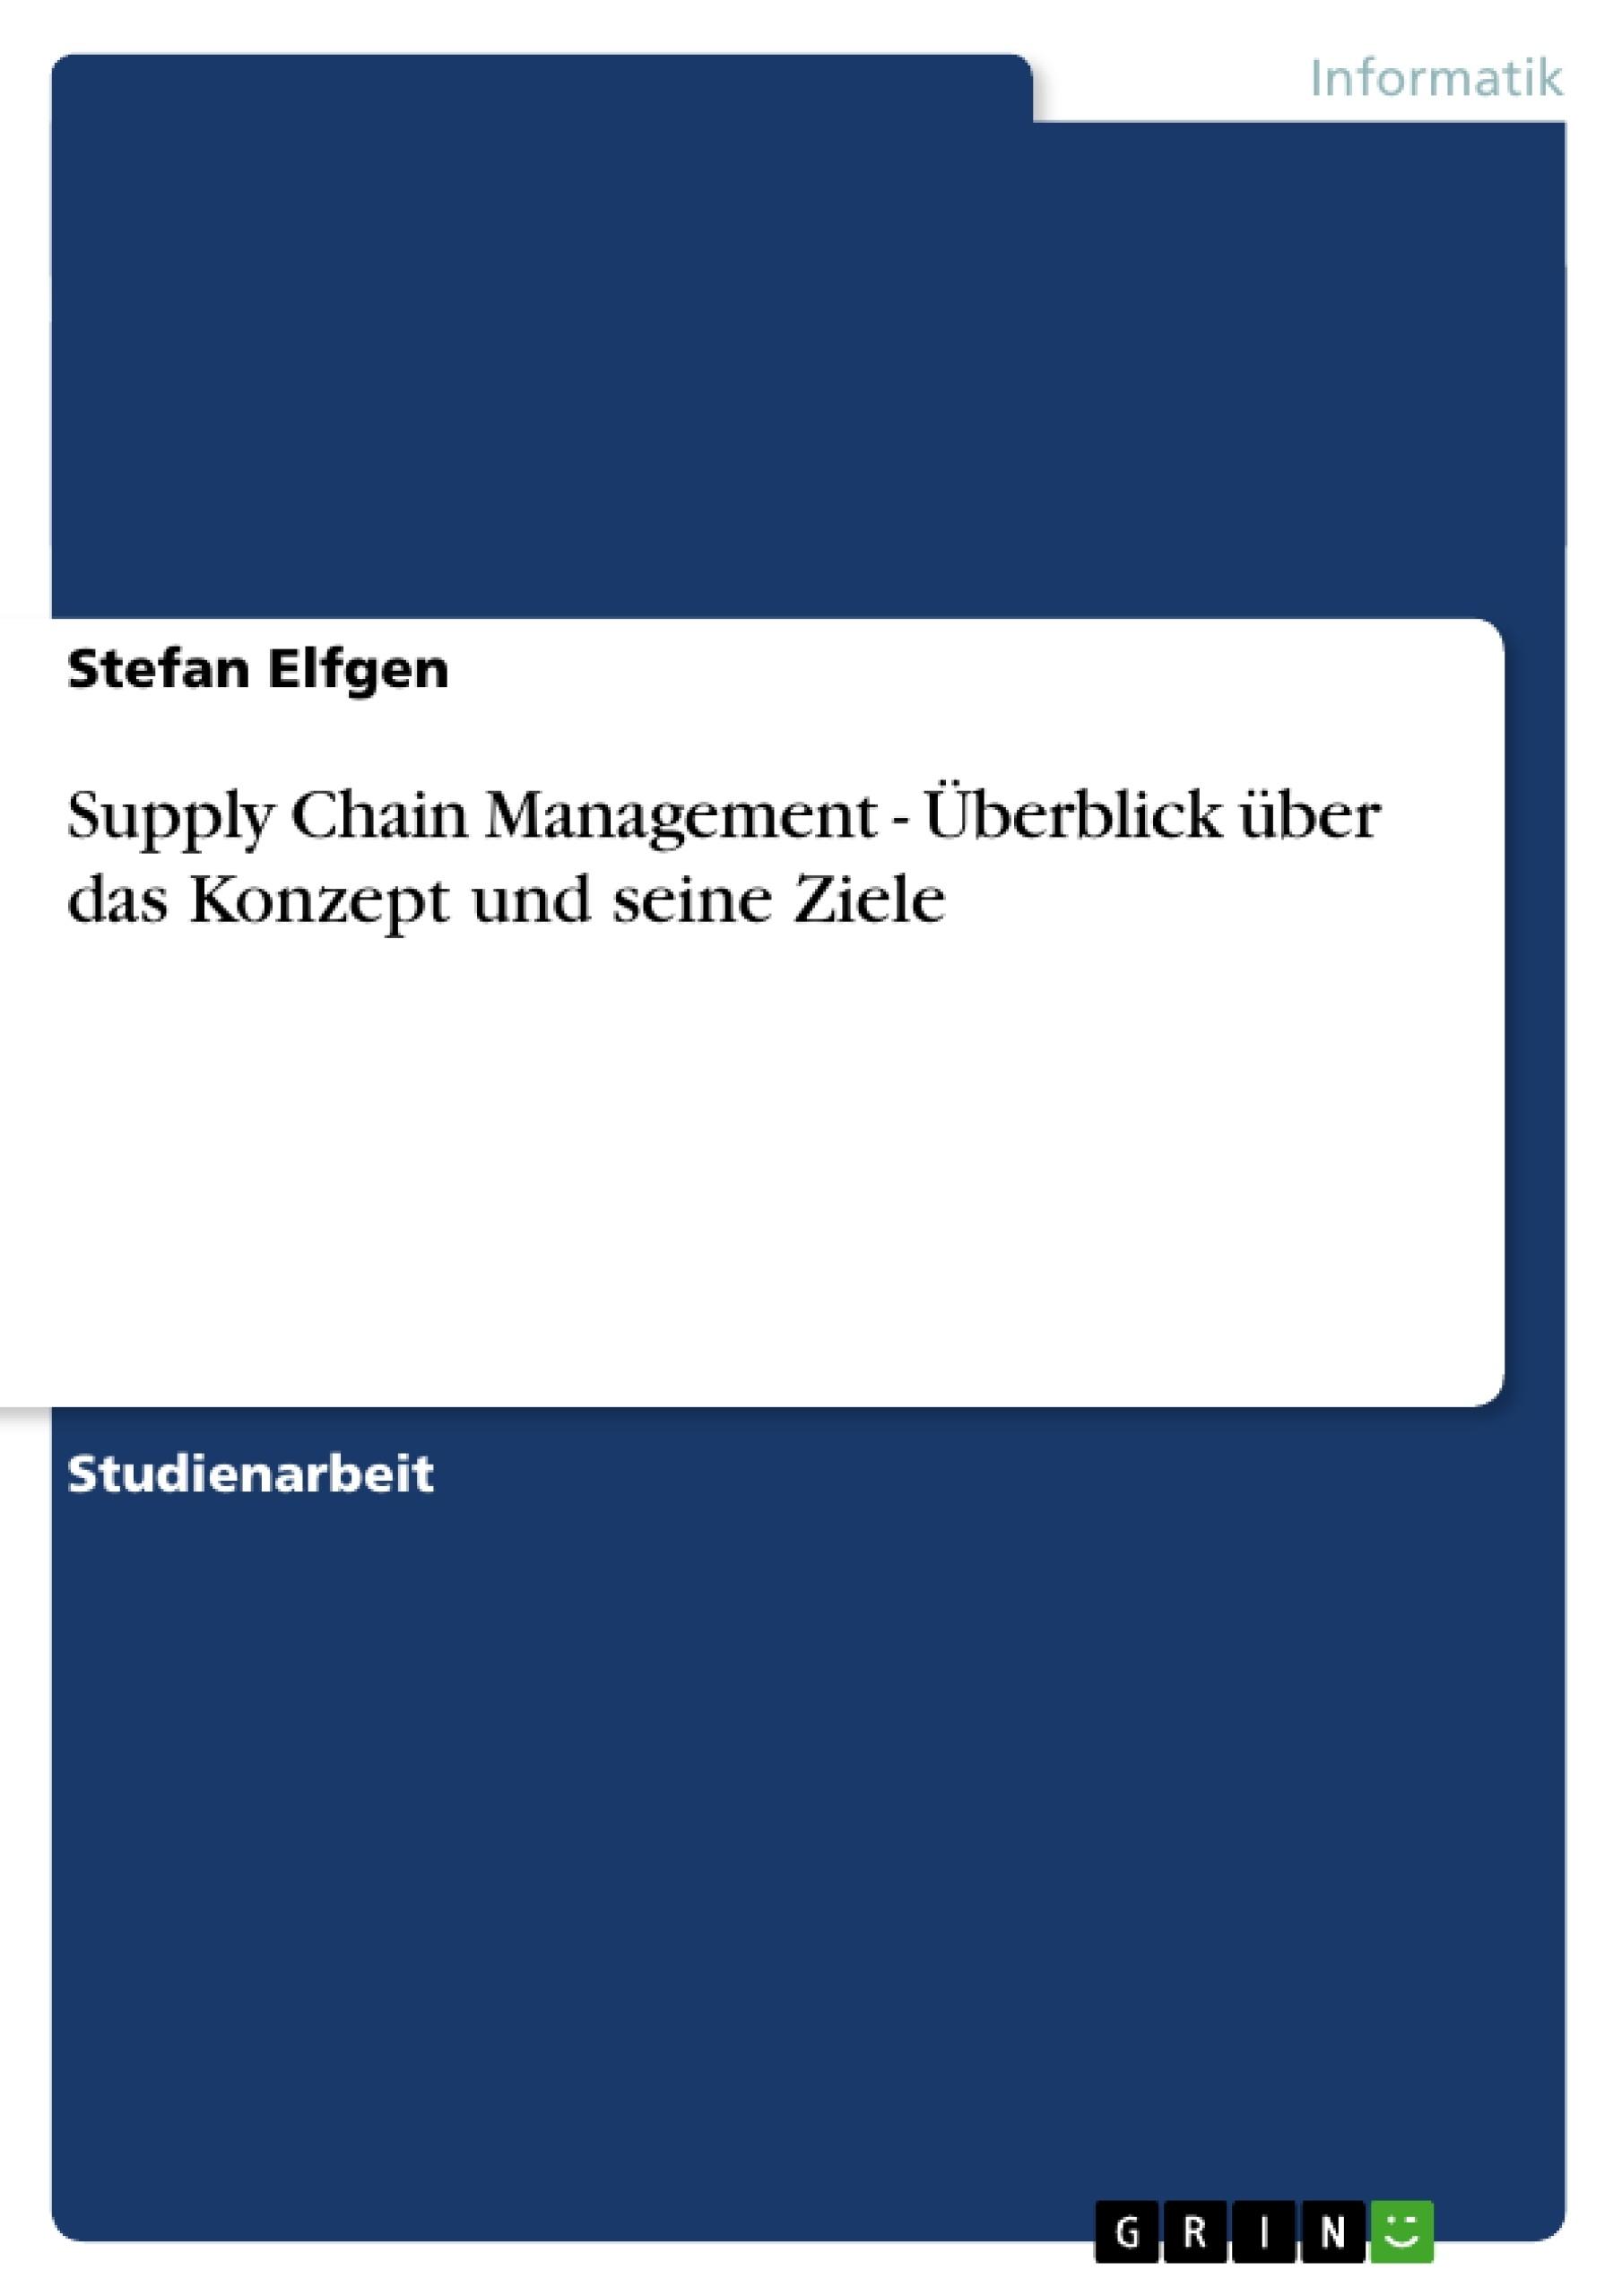 Titel: Supply Chain Management - Überblick über das Konzept und seine Ziele